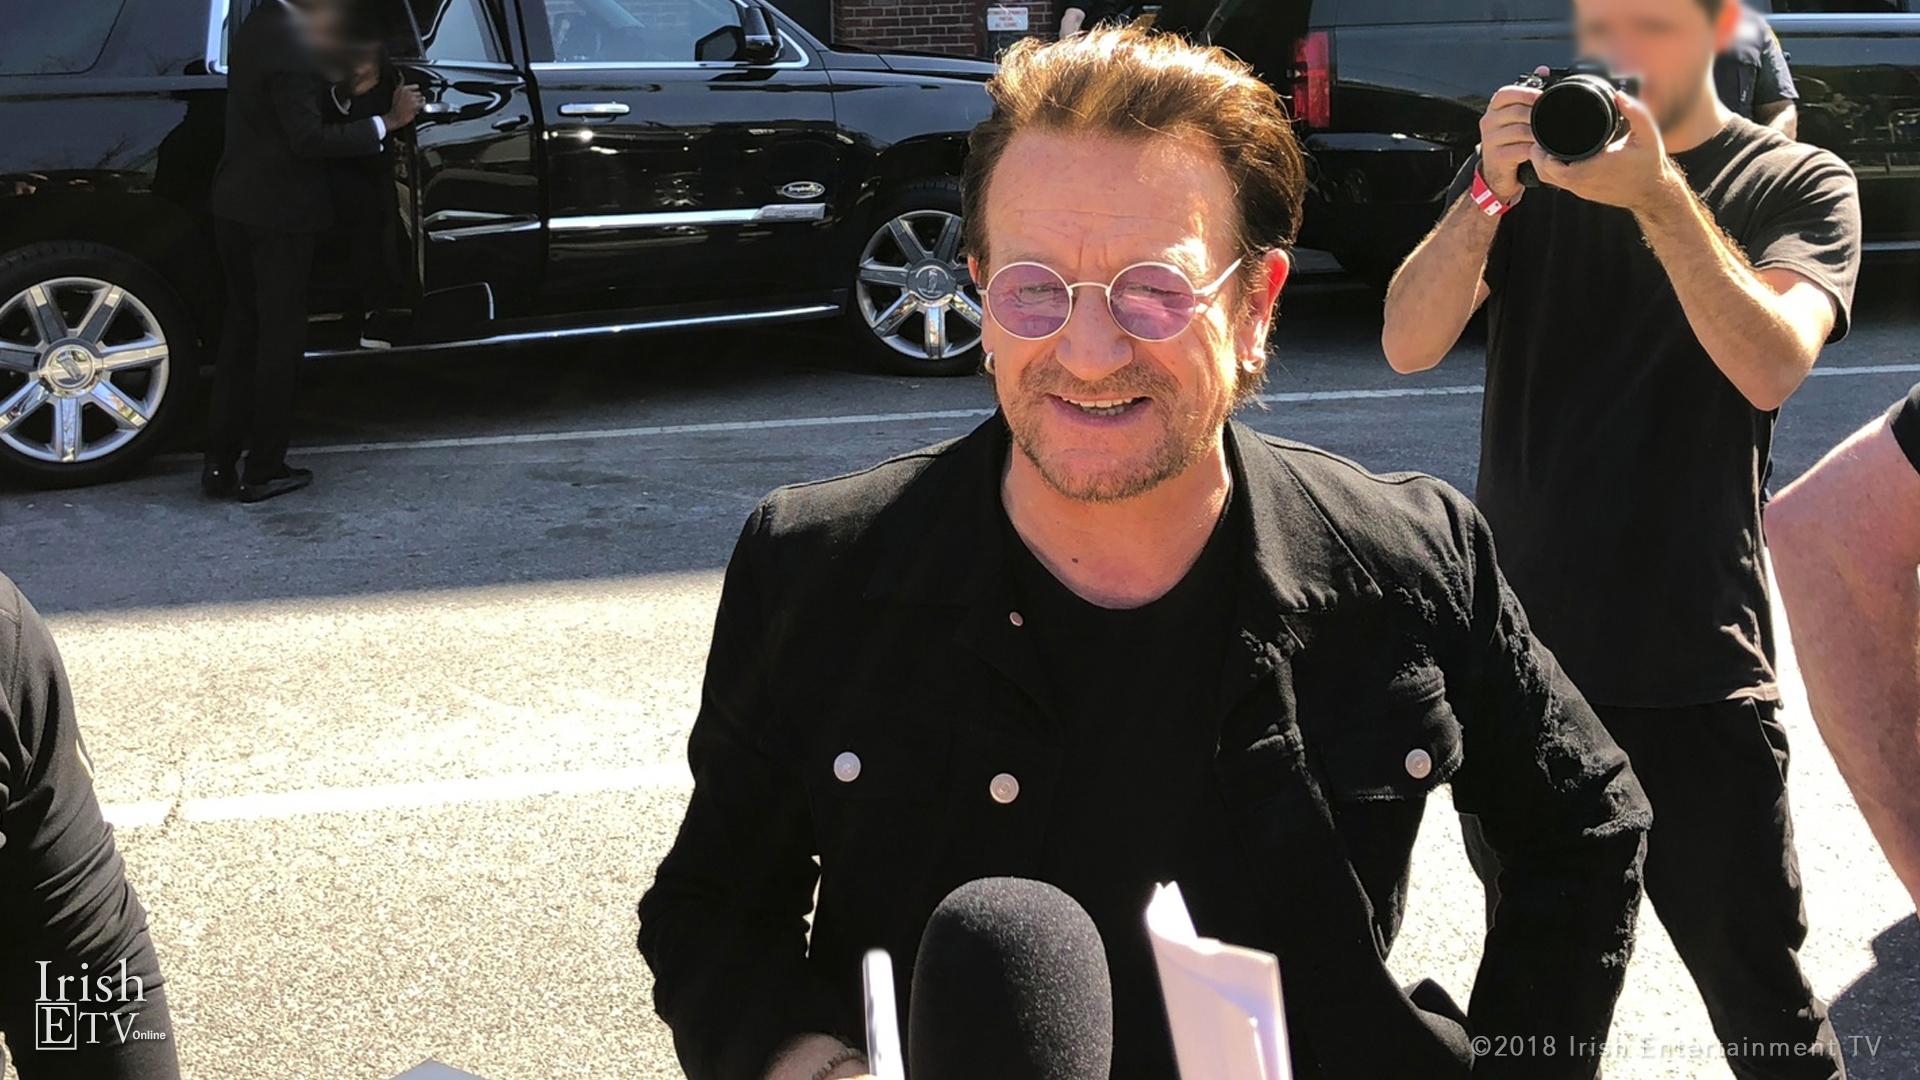 3_IrishETV-Bono-WalksUp-Fixed.jpg